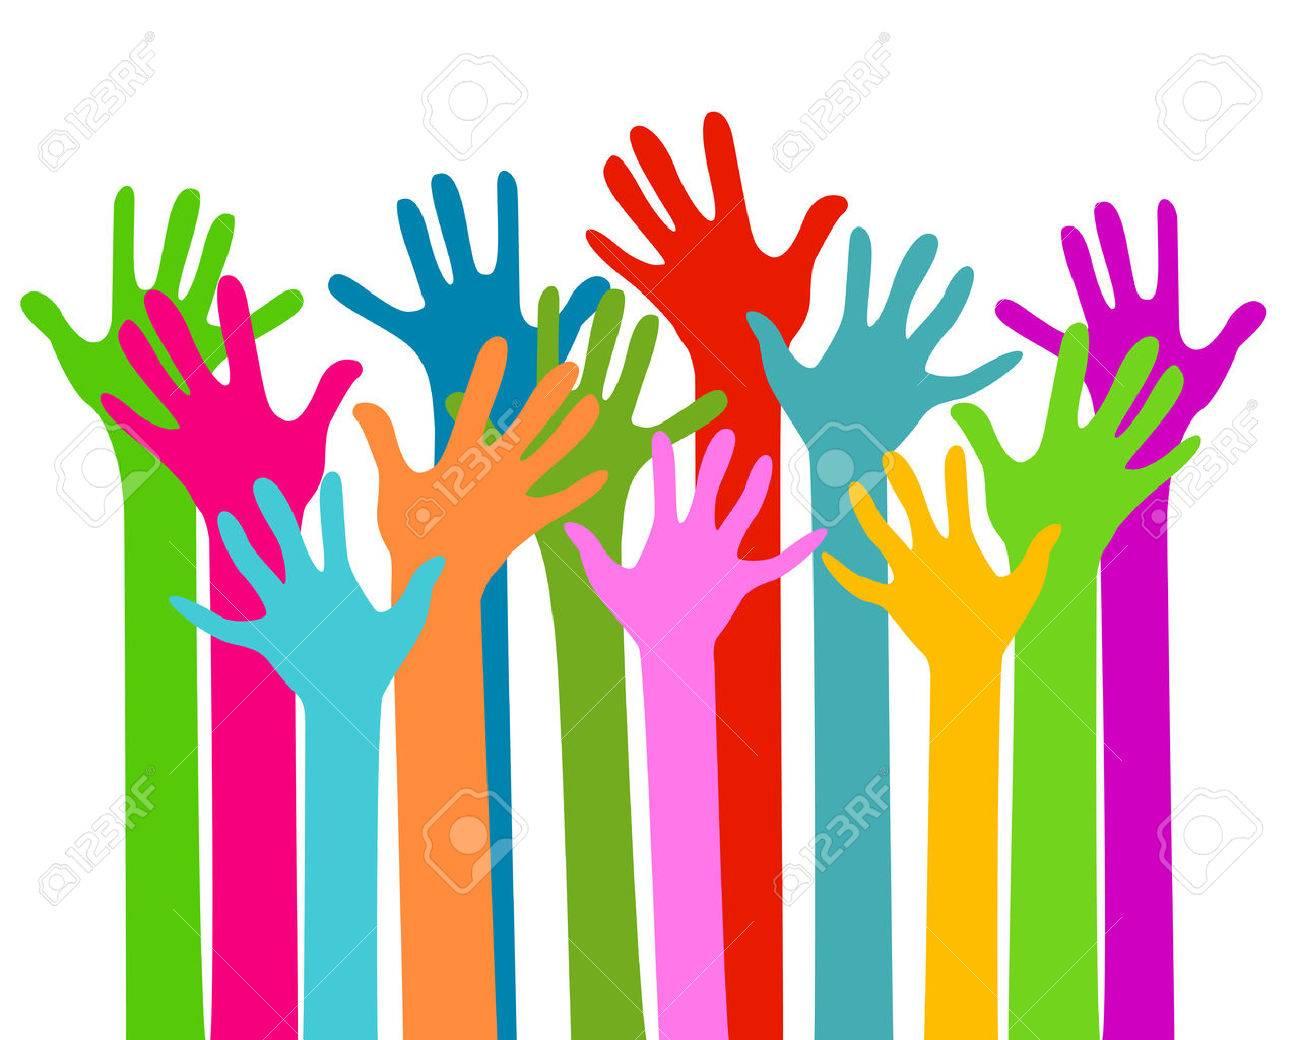 hands together - 33636936